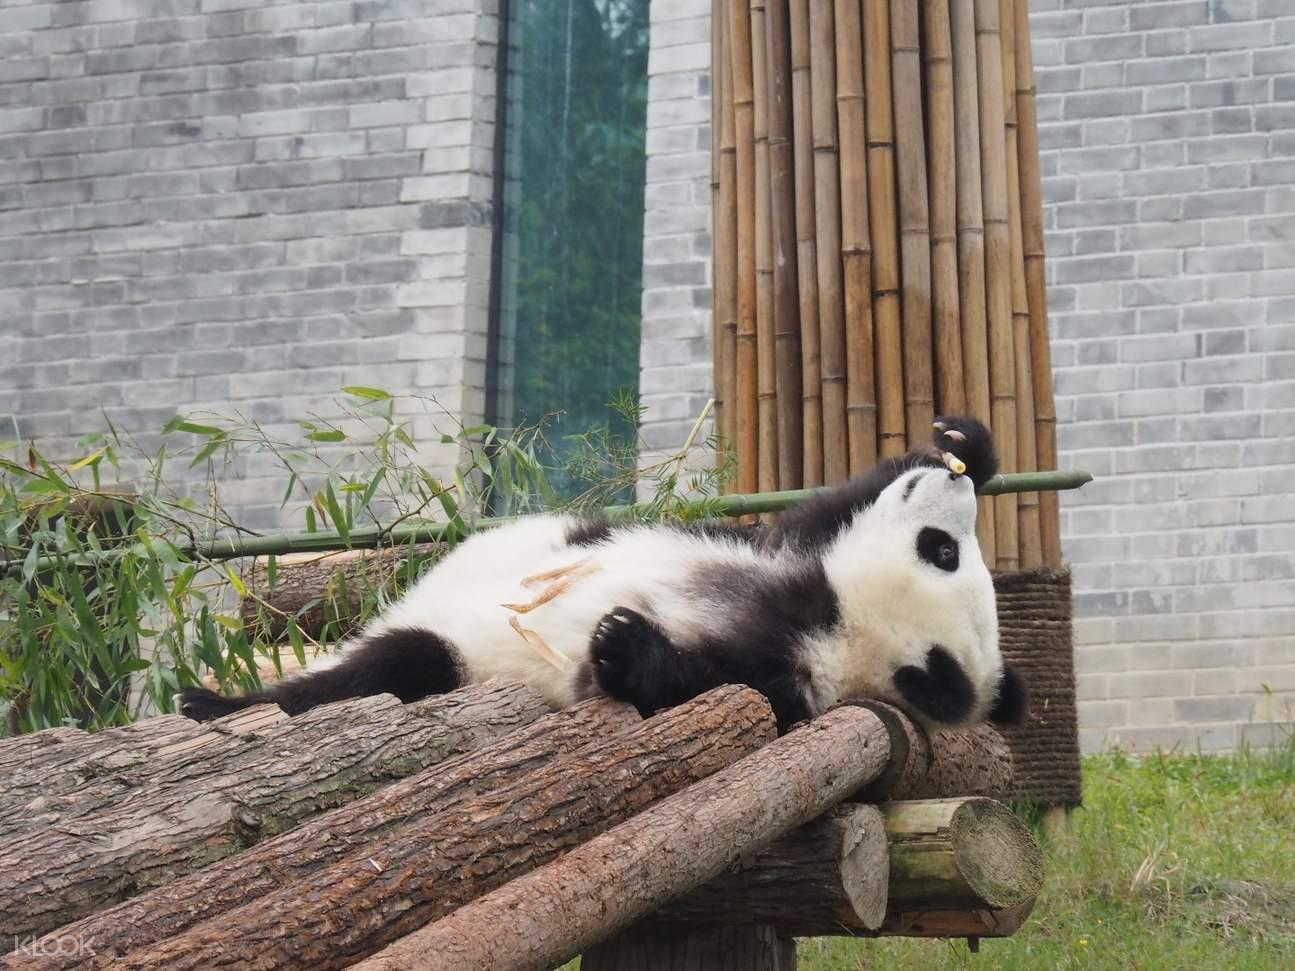 都江堰大熊貓保育基地,熊貓飼養員體驗,熊貓飼養員一日體驗